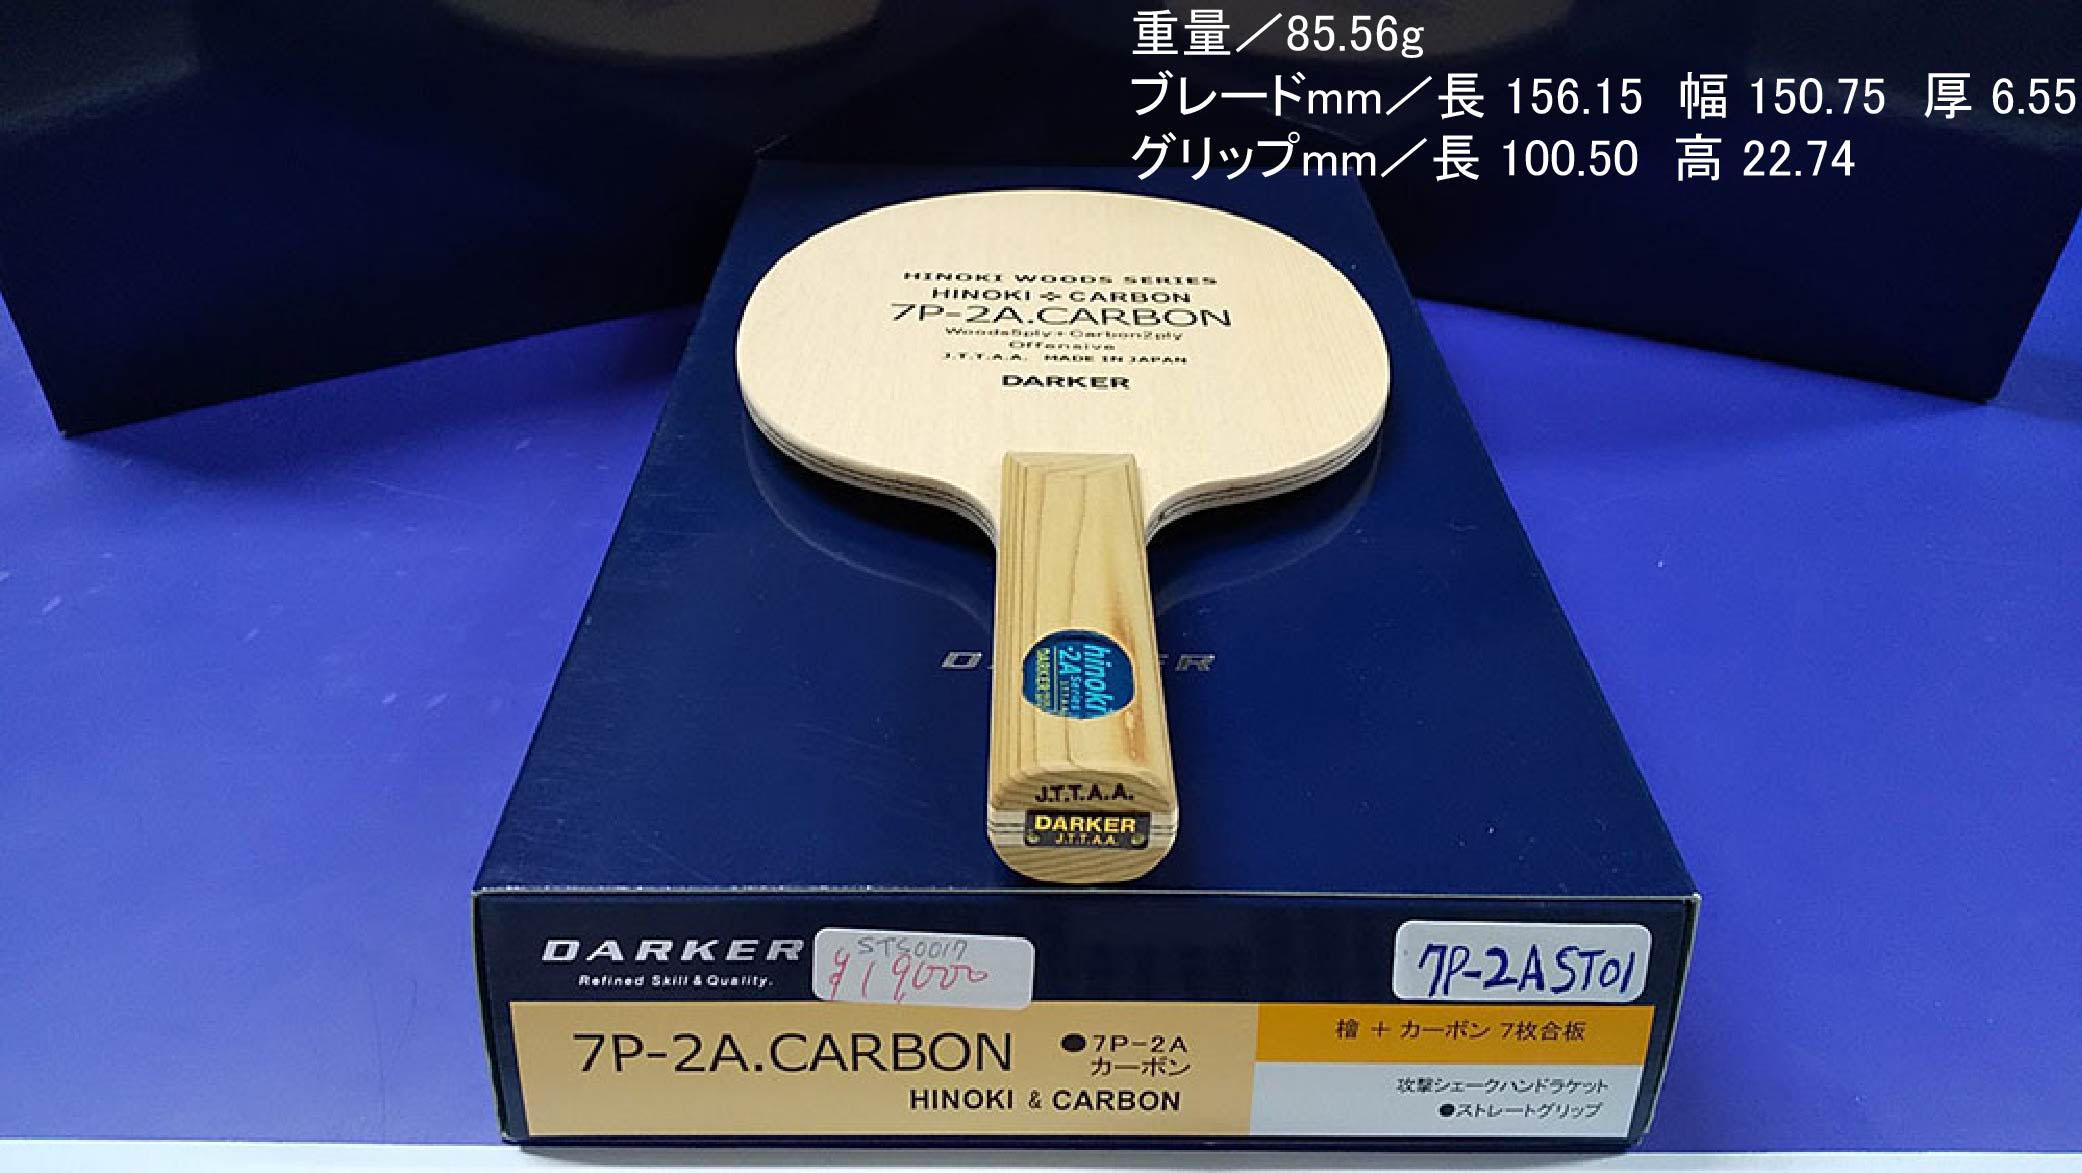 DARKER-7P-2AST01